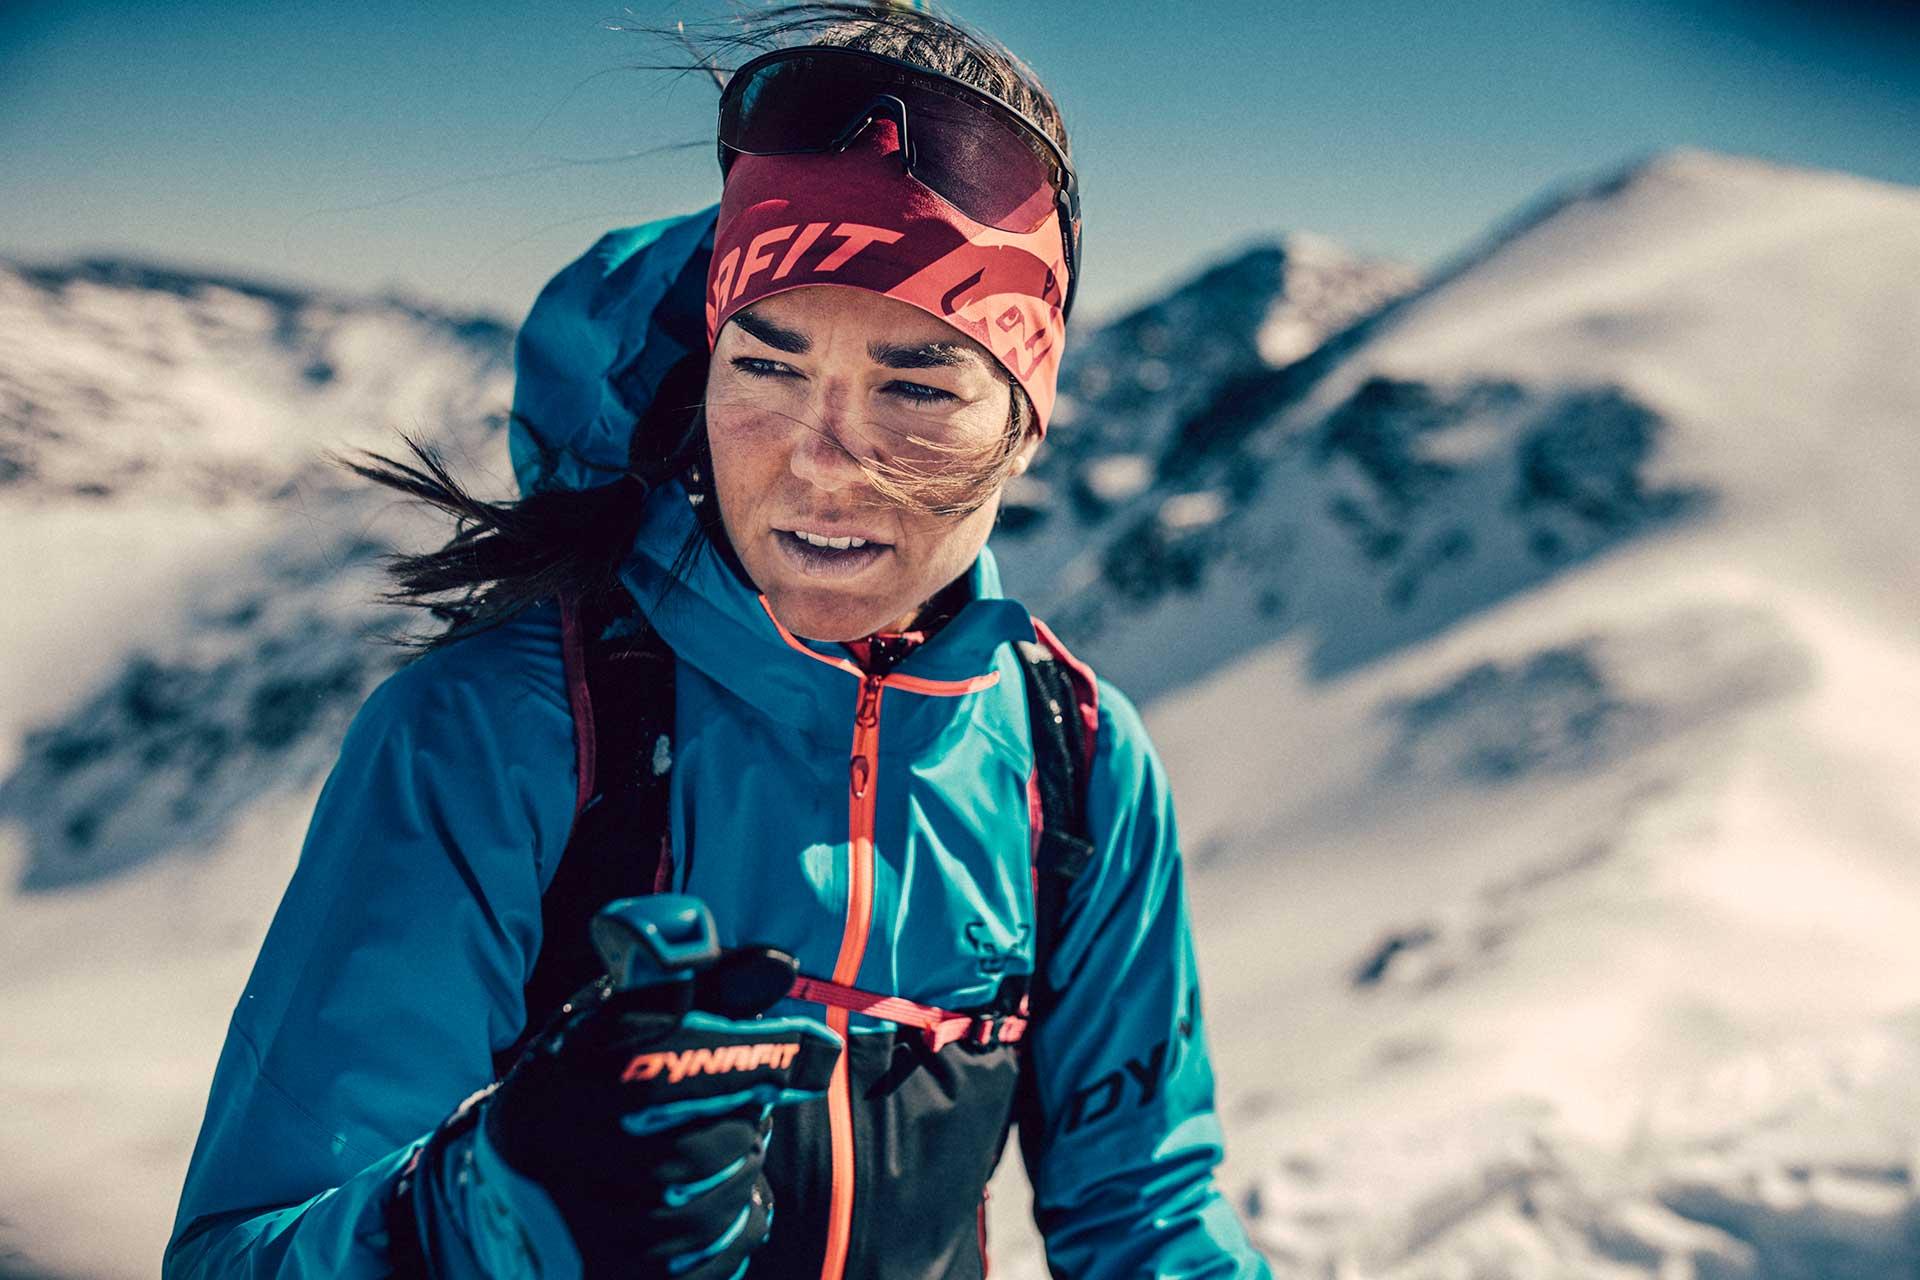 Portrait Fotograf Skitour Sport Fotoproduktion BergTour Michael Müller